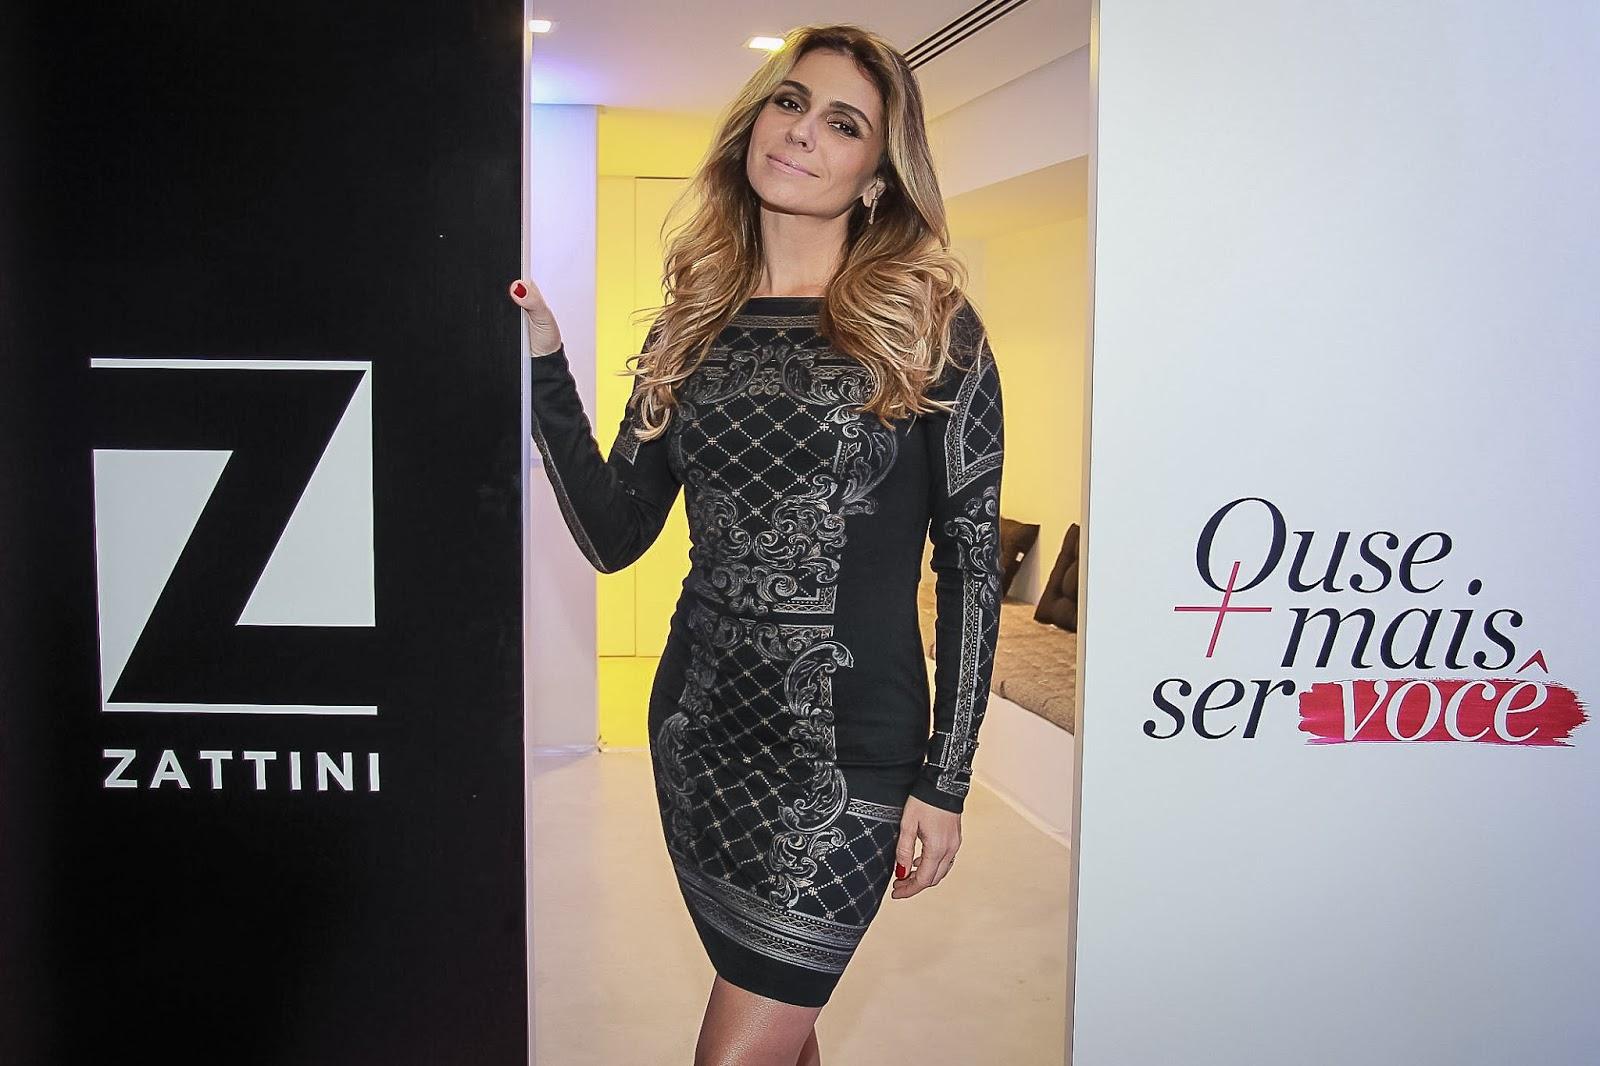 Muitos eventos esta semana, e ontem aconteceu em São Paulo a festa de  parceria da Zattini com a linda Giovanna Antonelli, alguém tem dúvidas que  será um ... f19f3b9d64